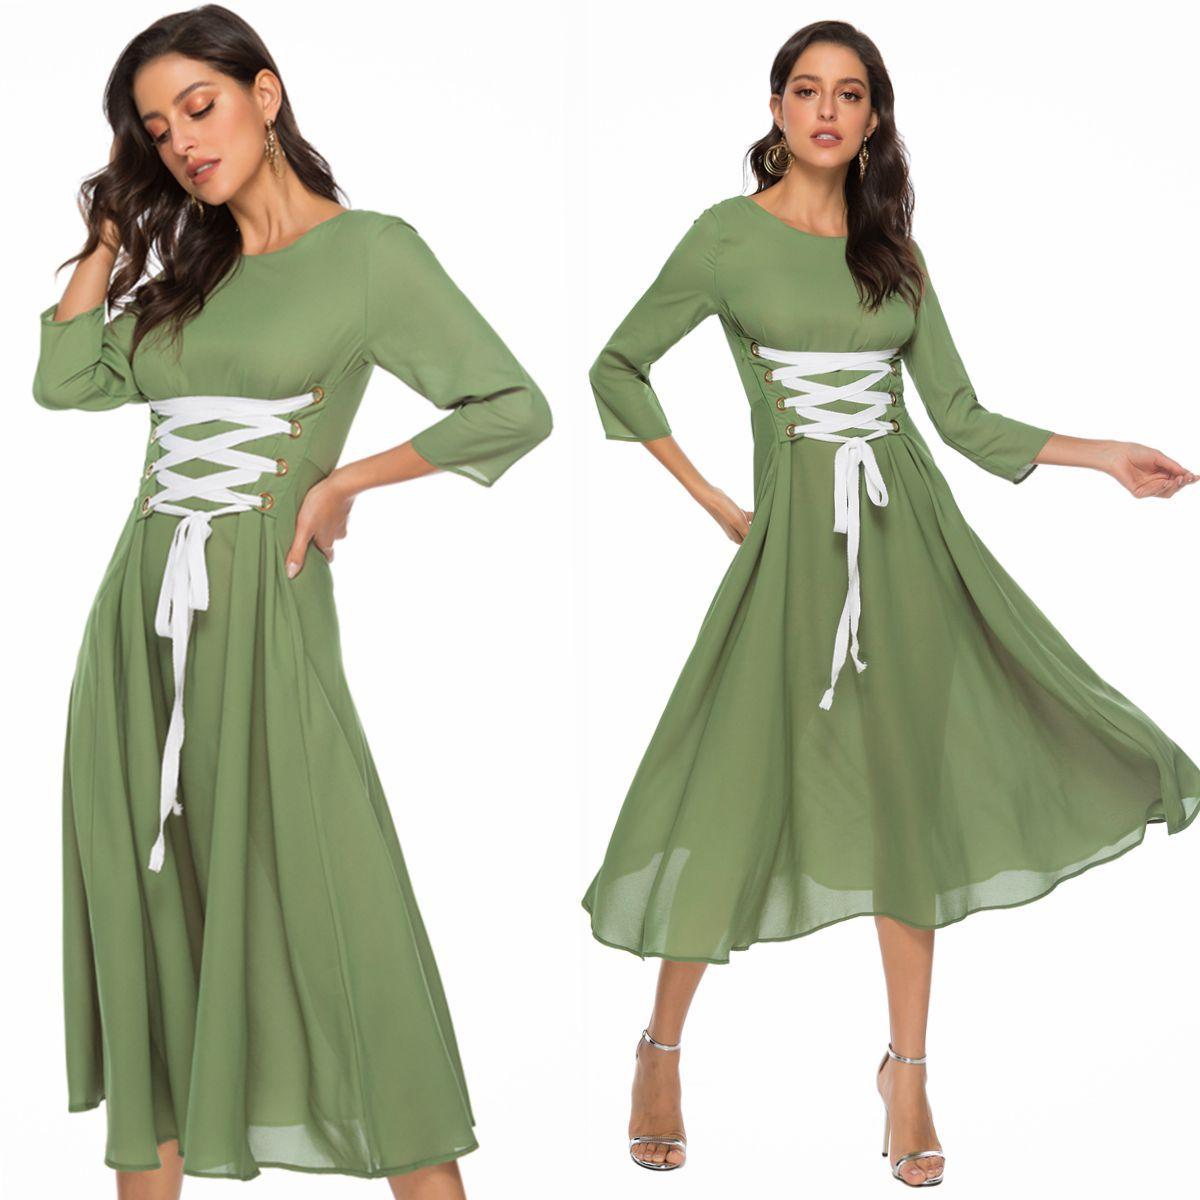 Frauen kleid olivgrün rundhals einzigartige bandage casual midi mode  charmante party abend damen kleider 17